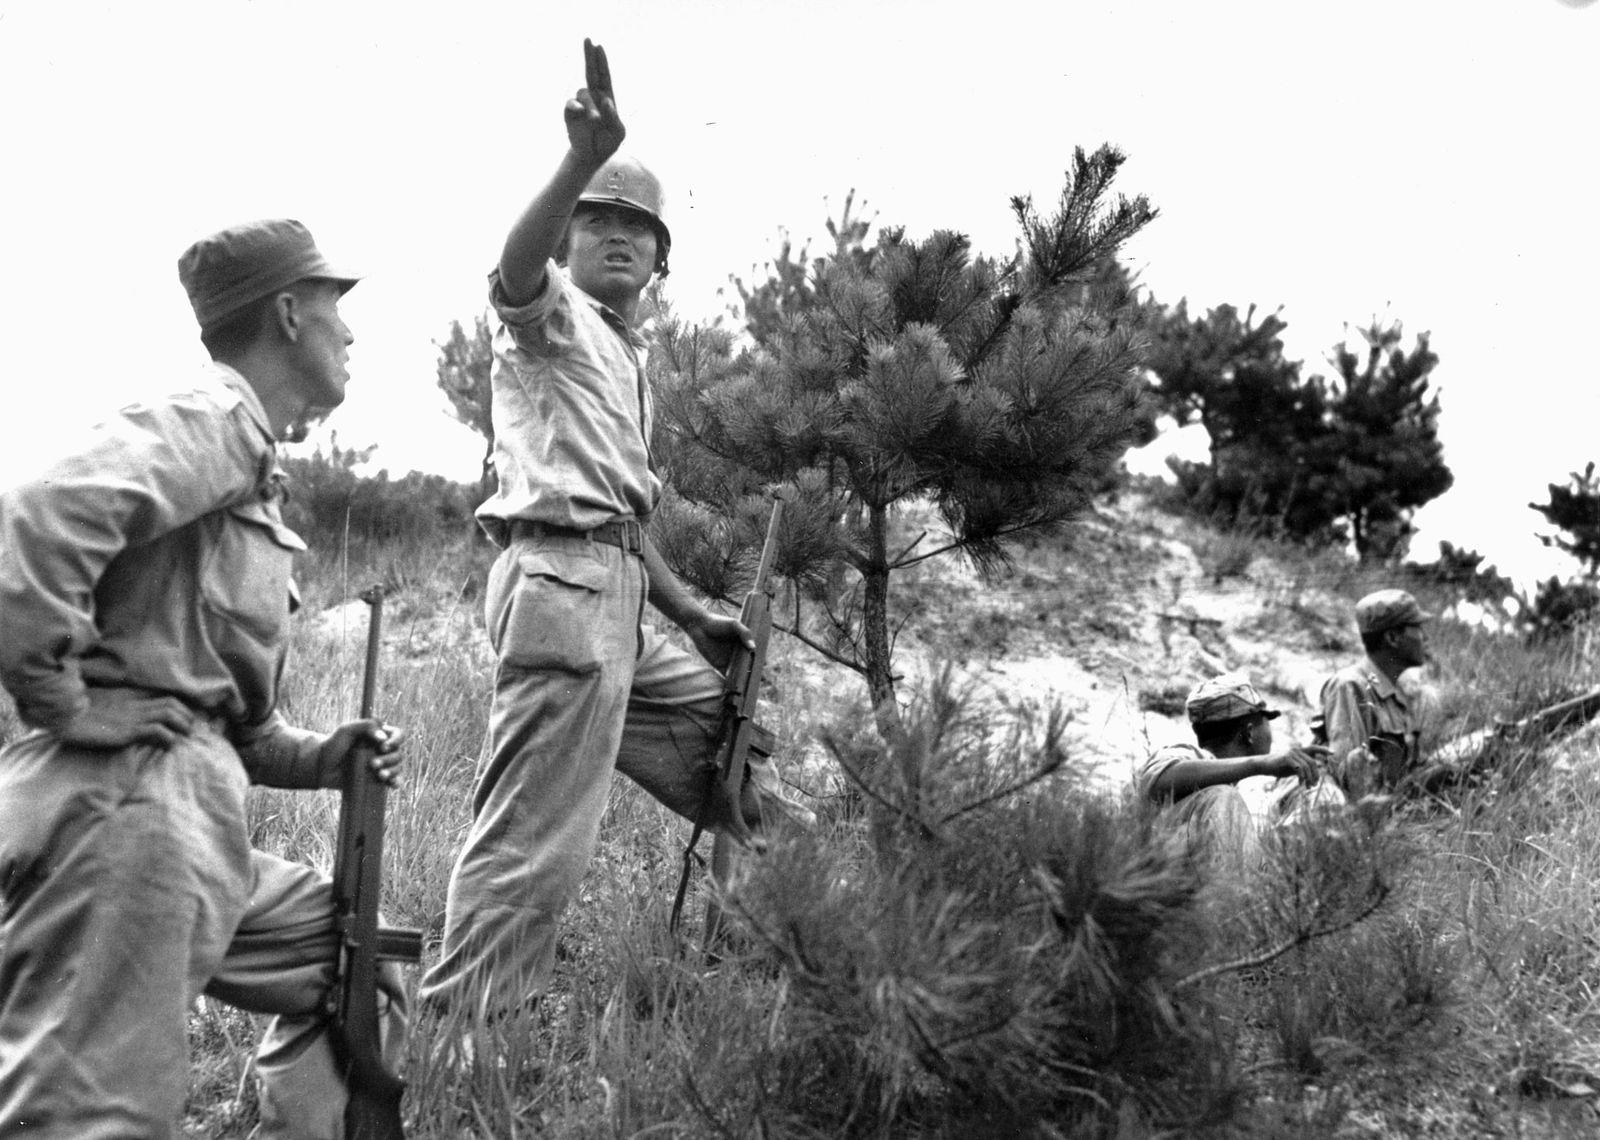 Ewiger Koreakrieg: Ein fataler politischer Präzedenzfall